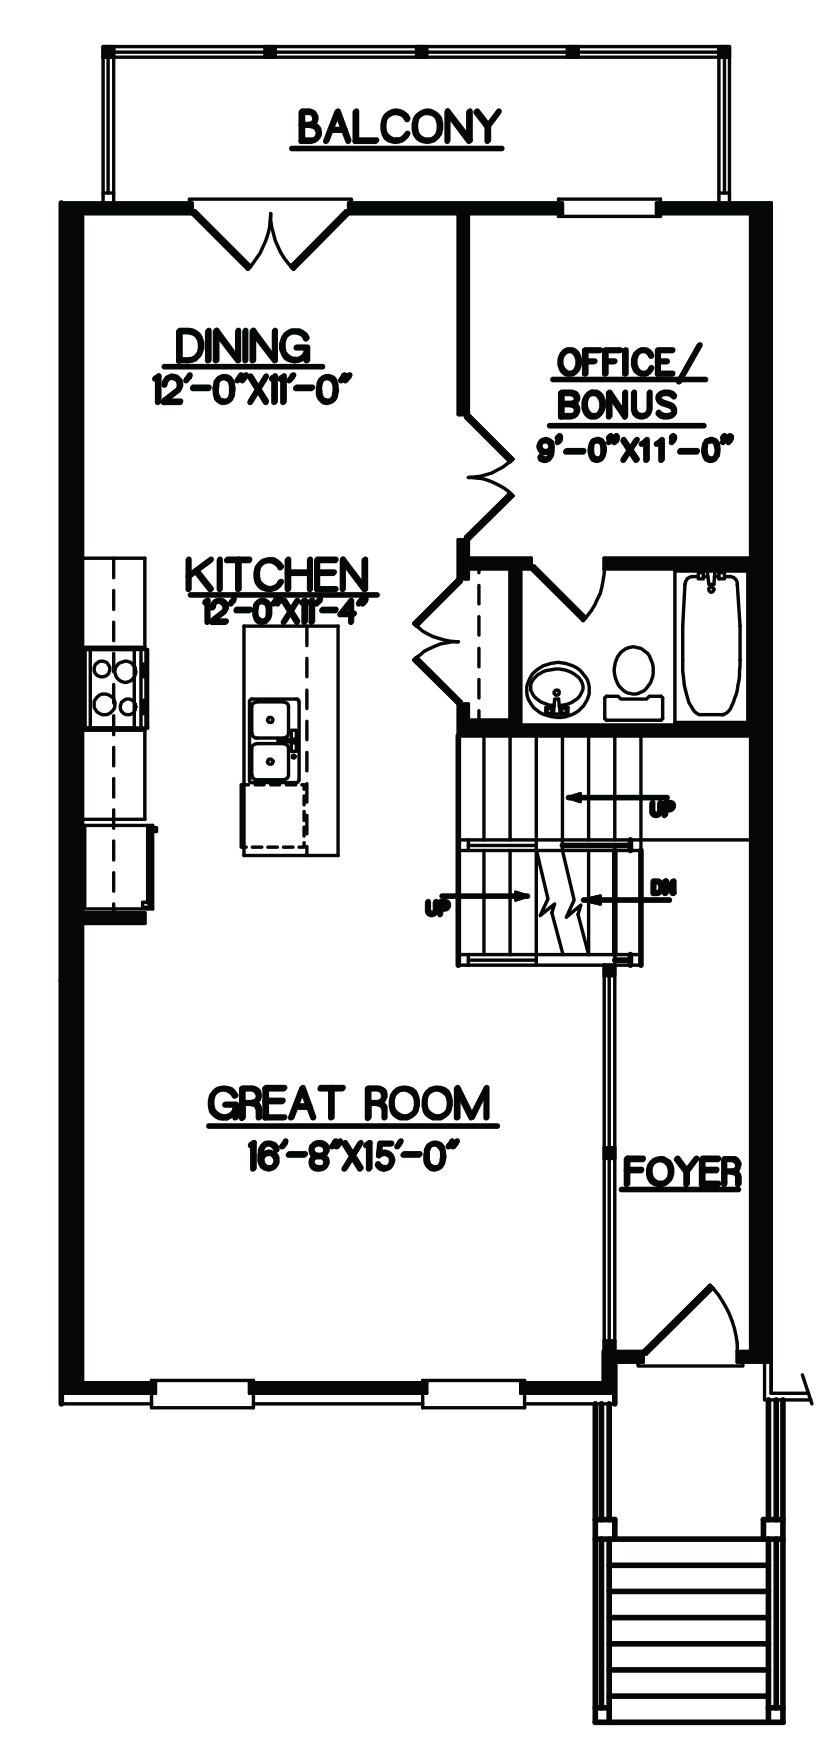 Jackson - Kerley Family Homes